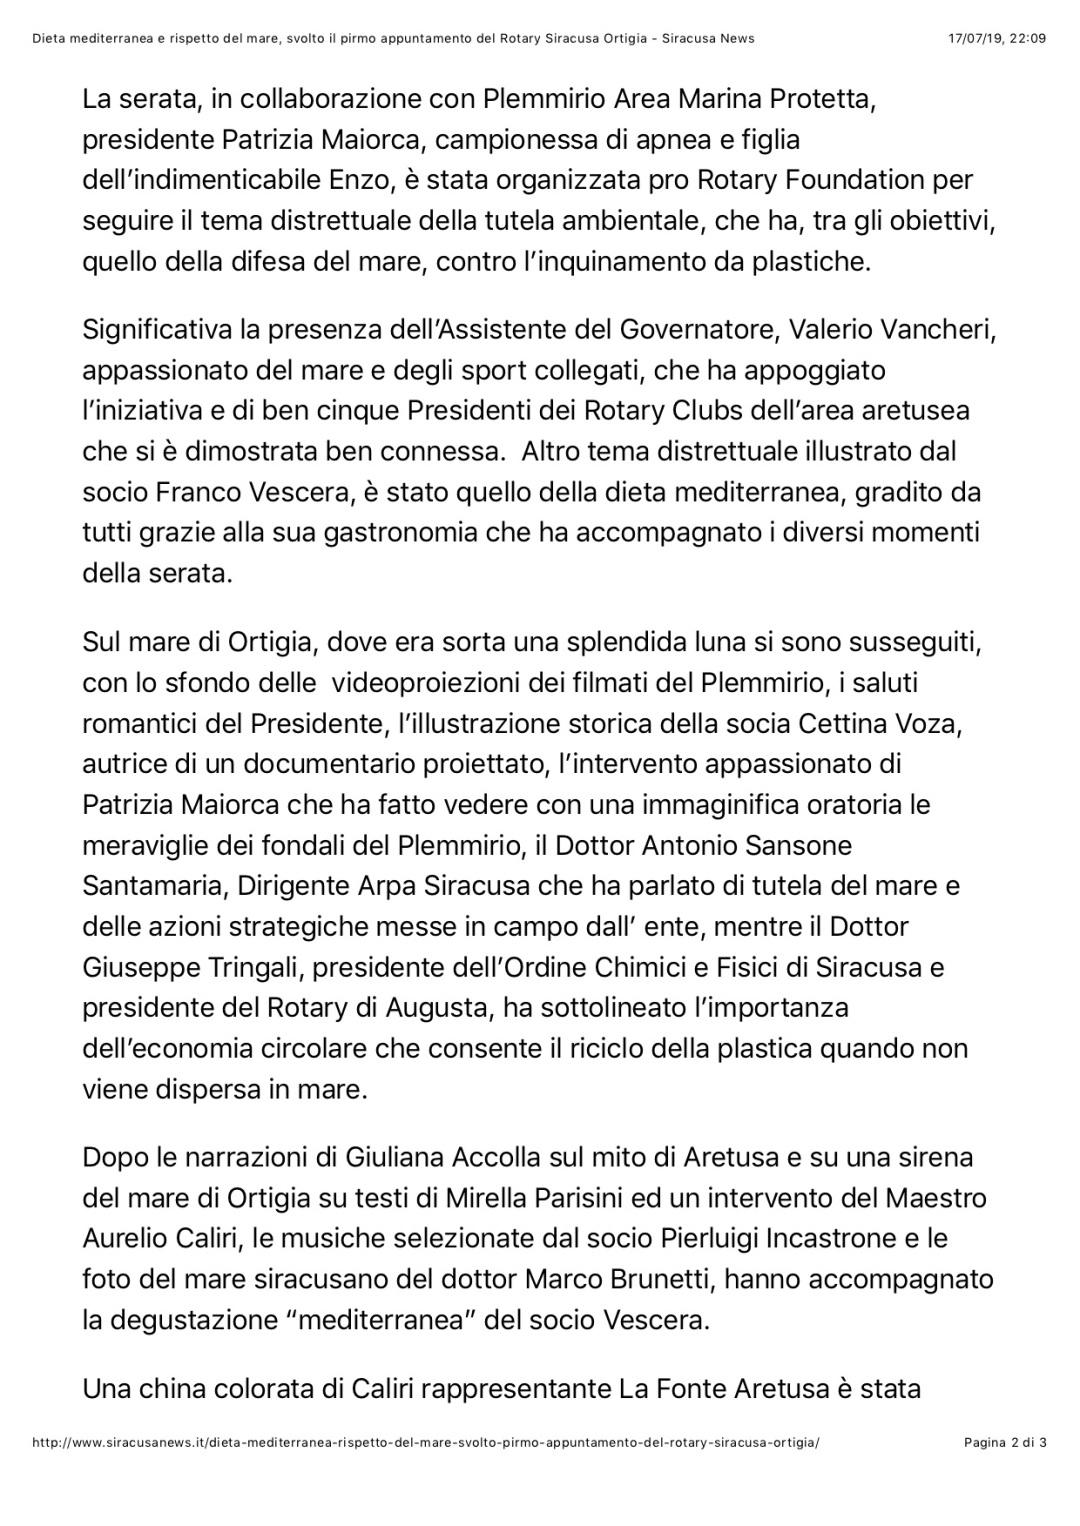 Dieta mediterranea e rispetto del mare, svolto il pirmo appuntamento del Rotary Siracusa Ortigia - Siracusa News 2